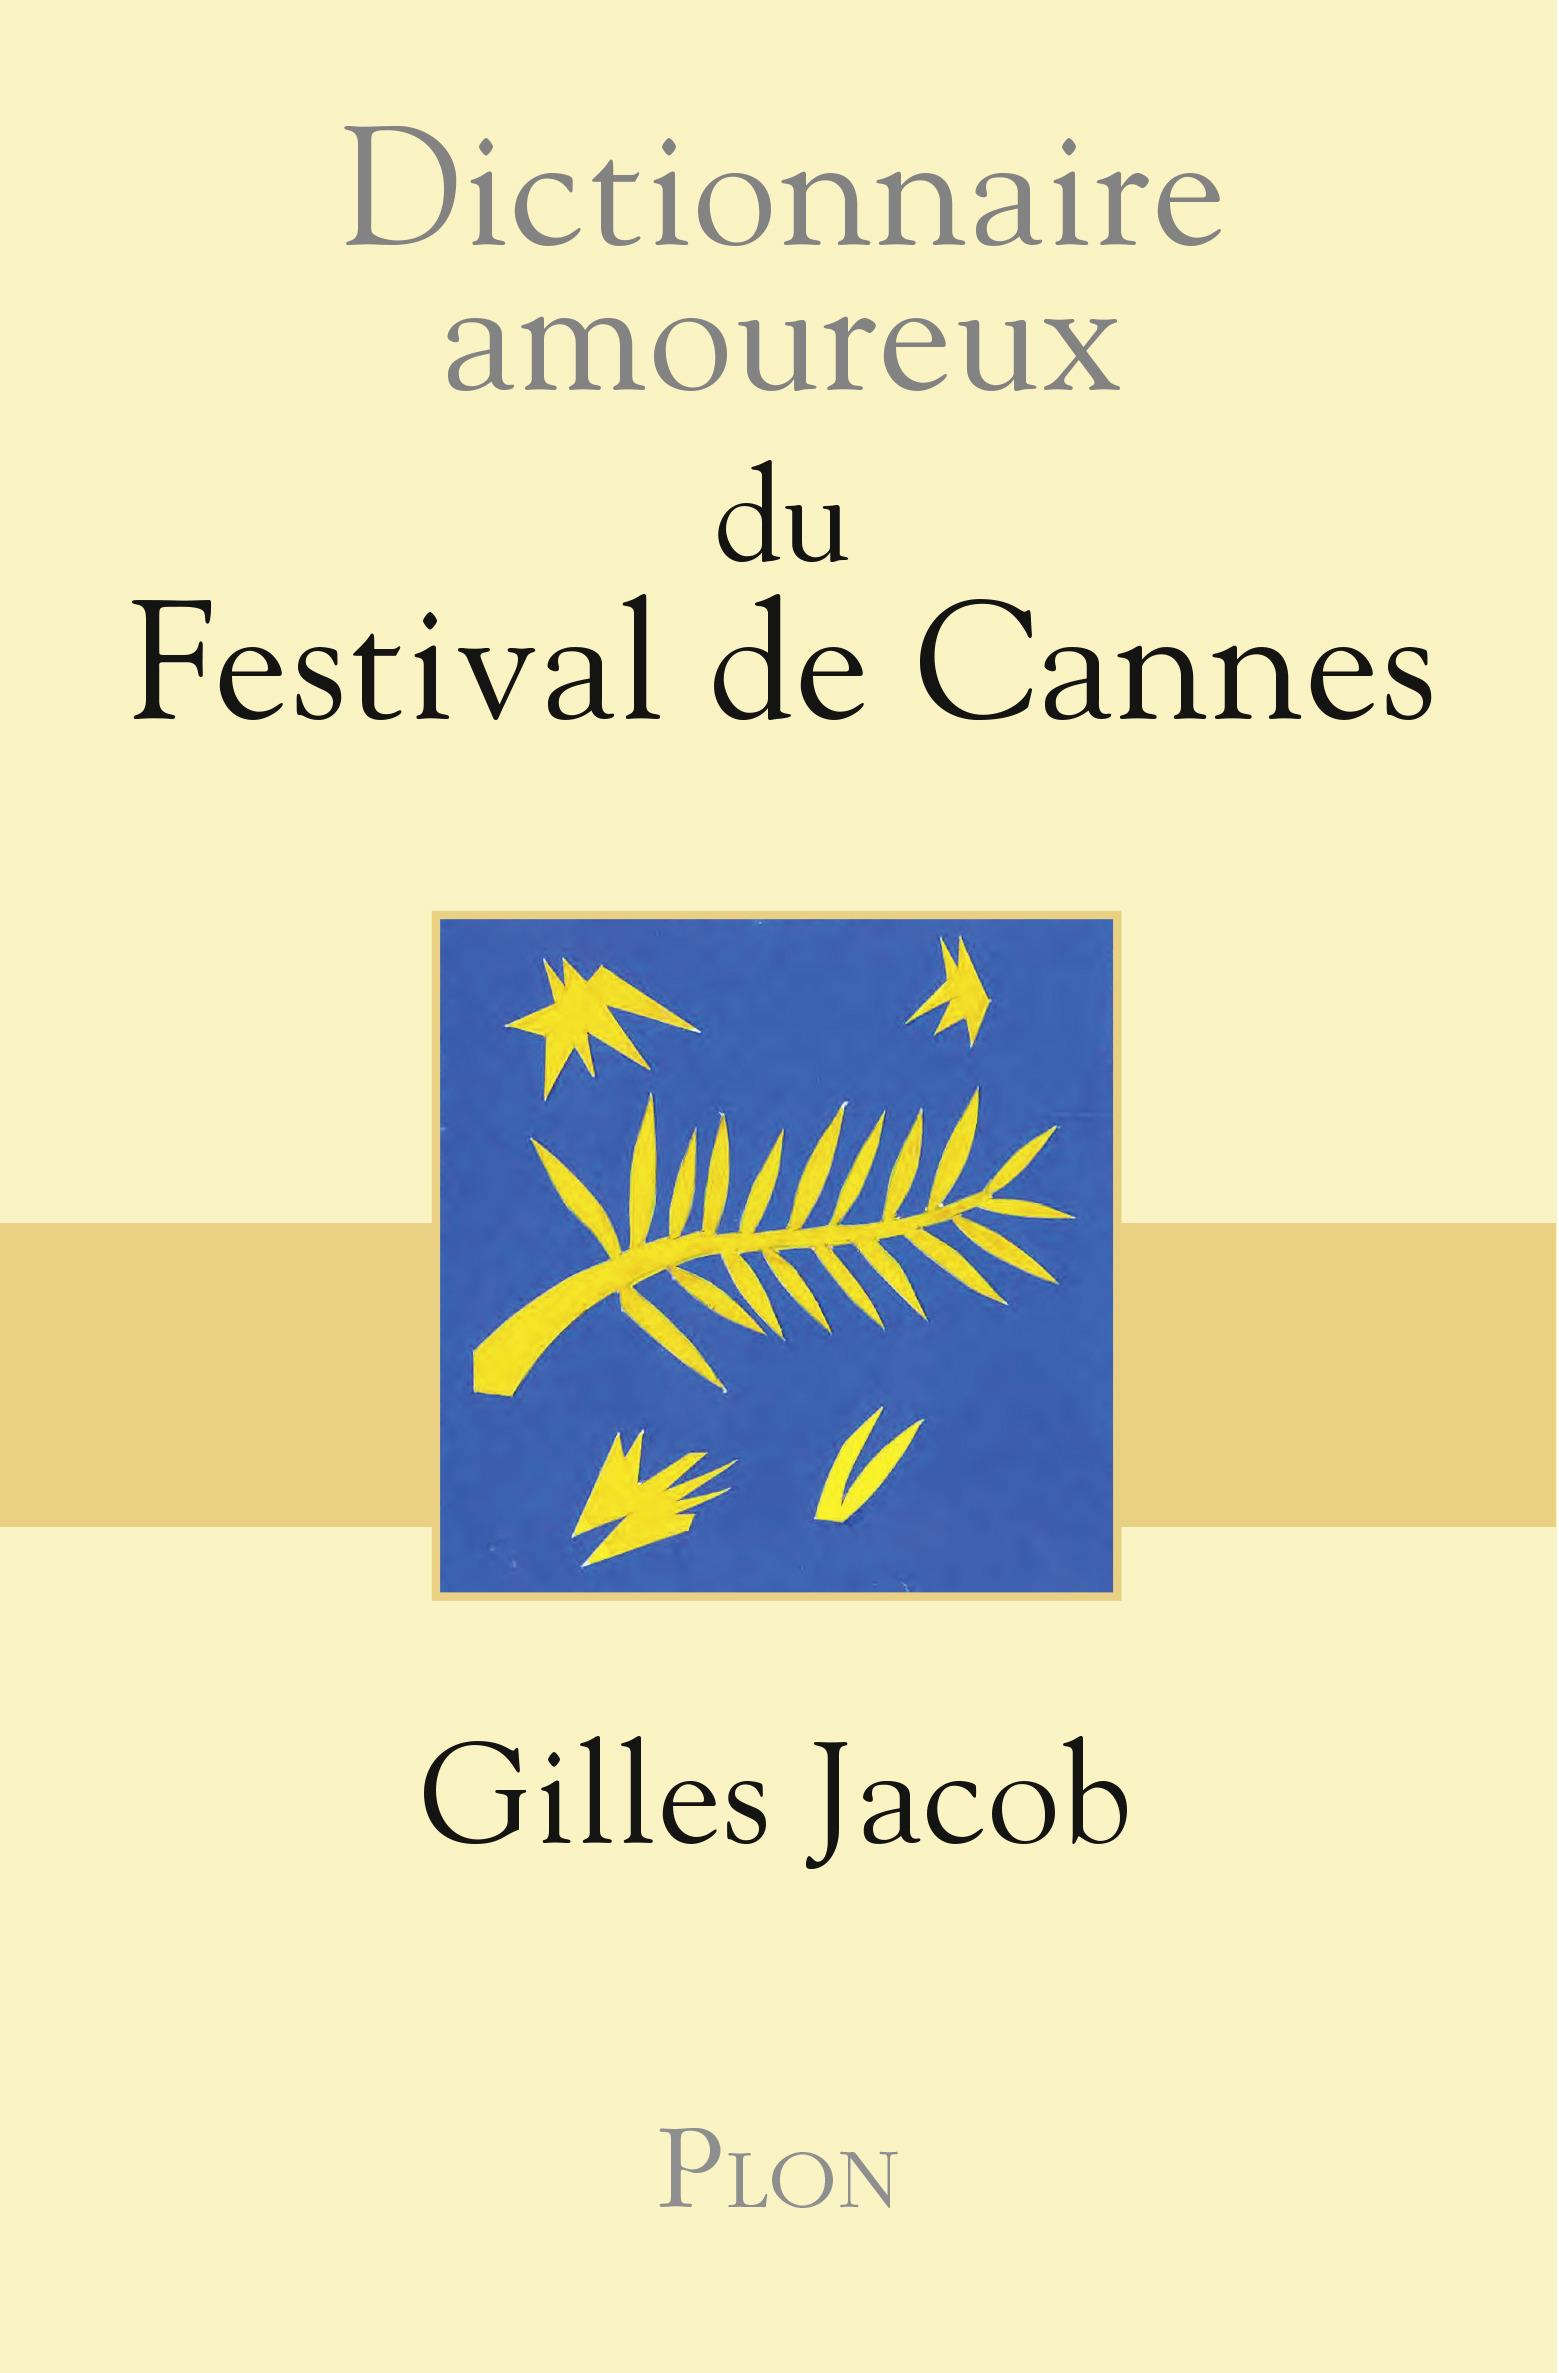 da_festival_cannes-_c.jpg